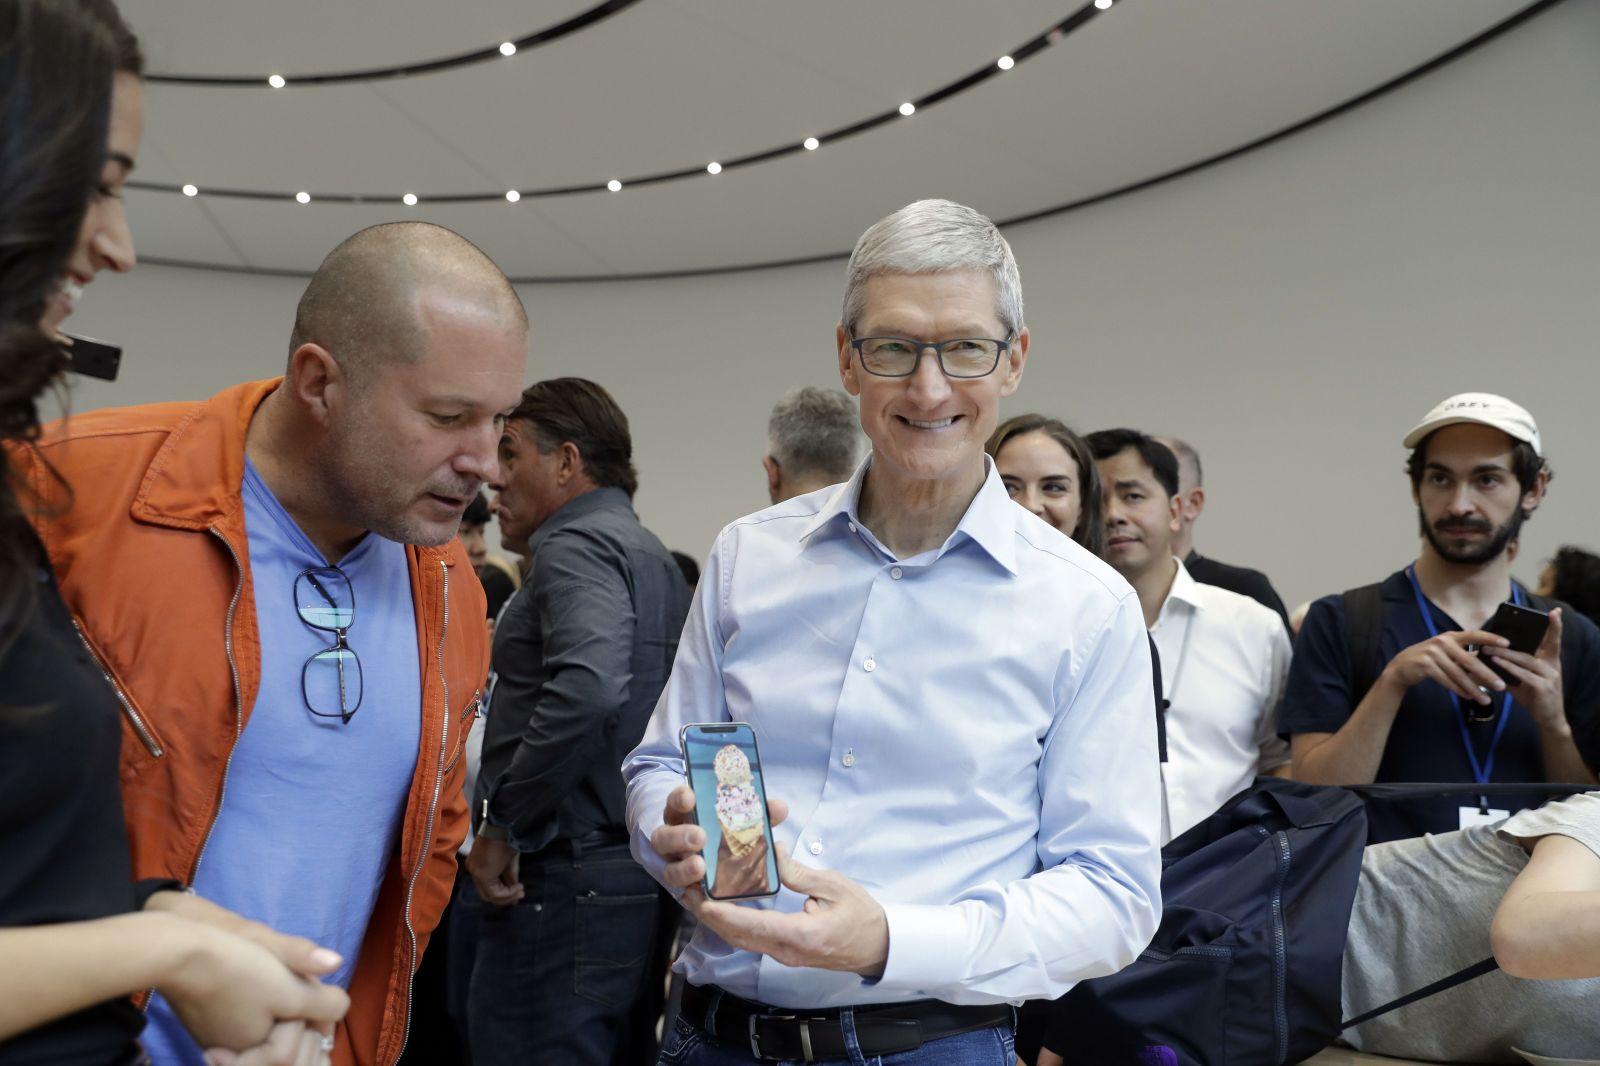 Šéf Apple Tim Cook tento rok zarobil takmer 12 miliónov dolárov. Je to o 200-krát viac ako jeho priemerný zamestnanec